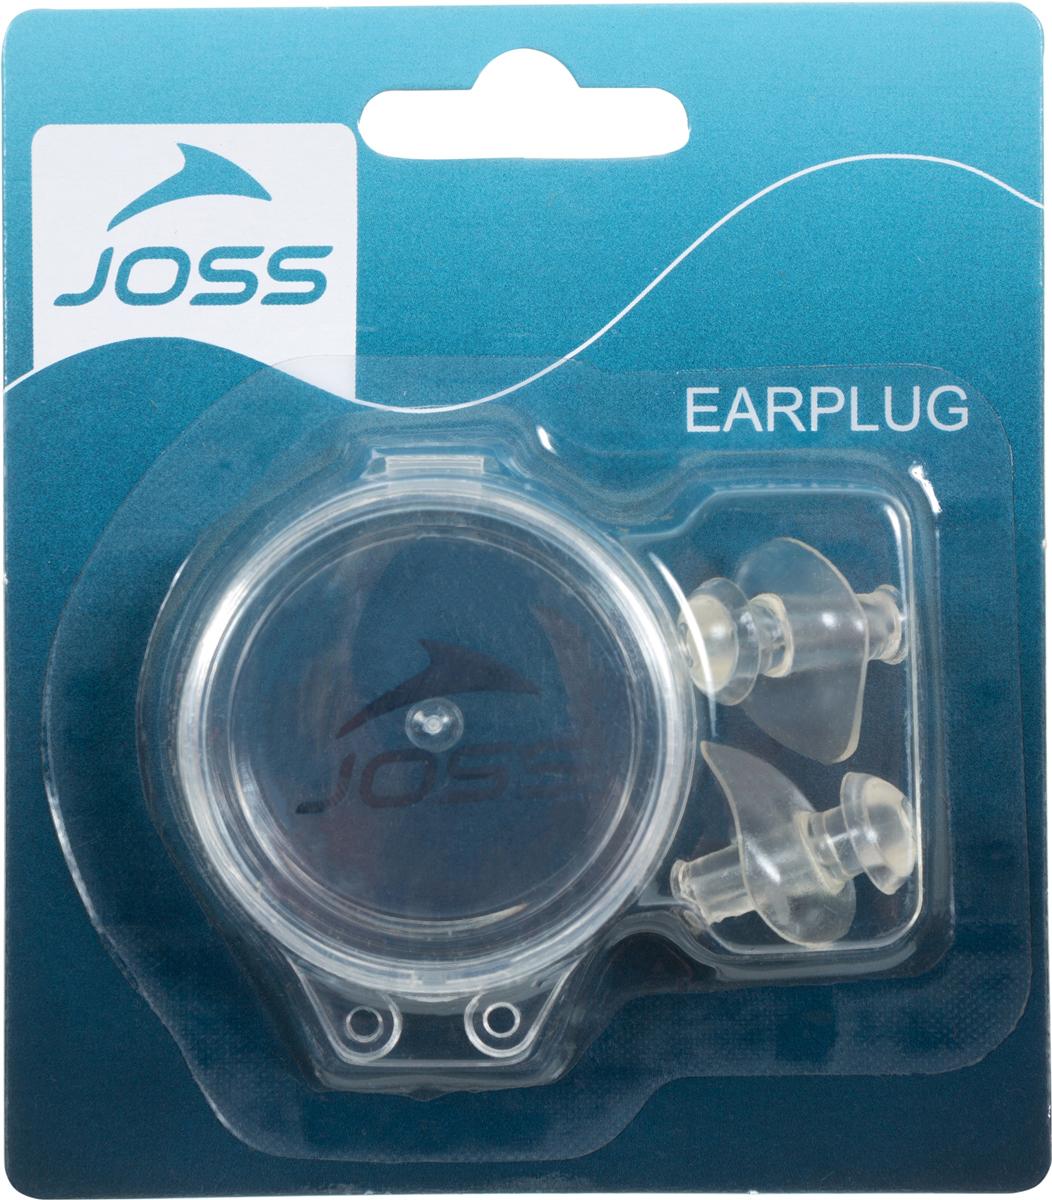 Беруши для плавания Joss Earplugs, цвет: прозрачный. Размер универсальный